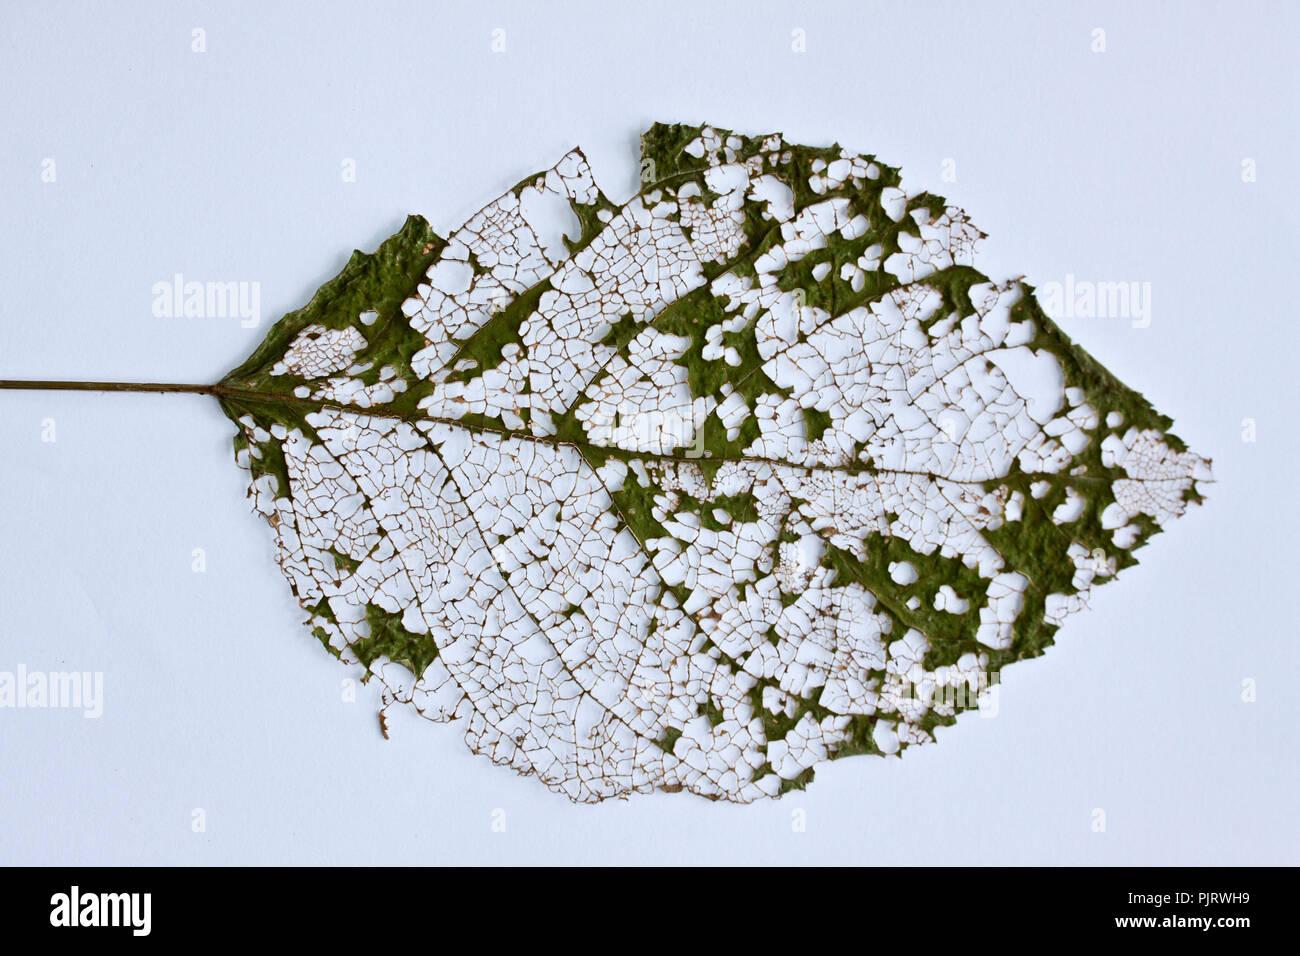 La structure squelettique d'un au cours de la sénescence foliaire devient évidente lorsque les feuilles des arbres feuillus meurent et tombent et la structure devient veine Photo Stock